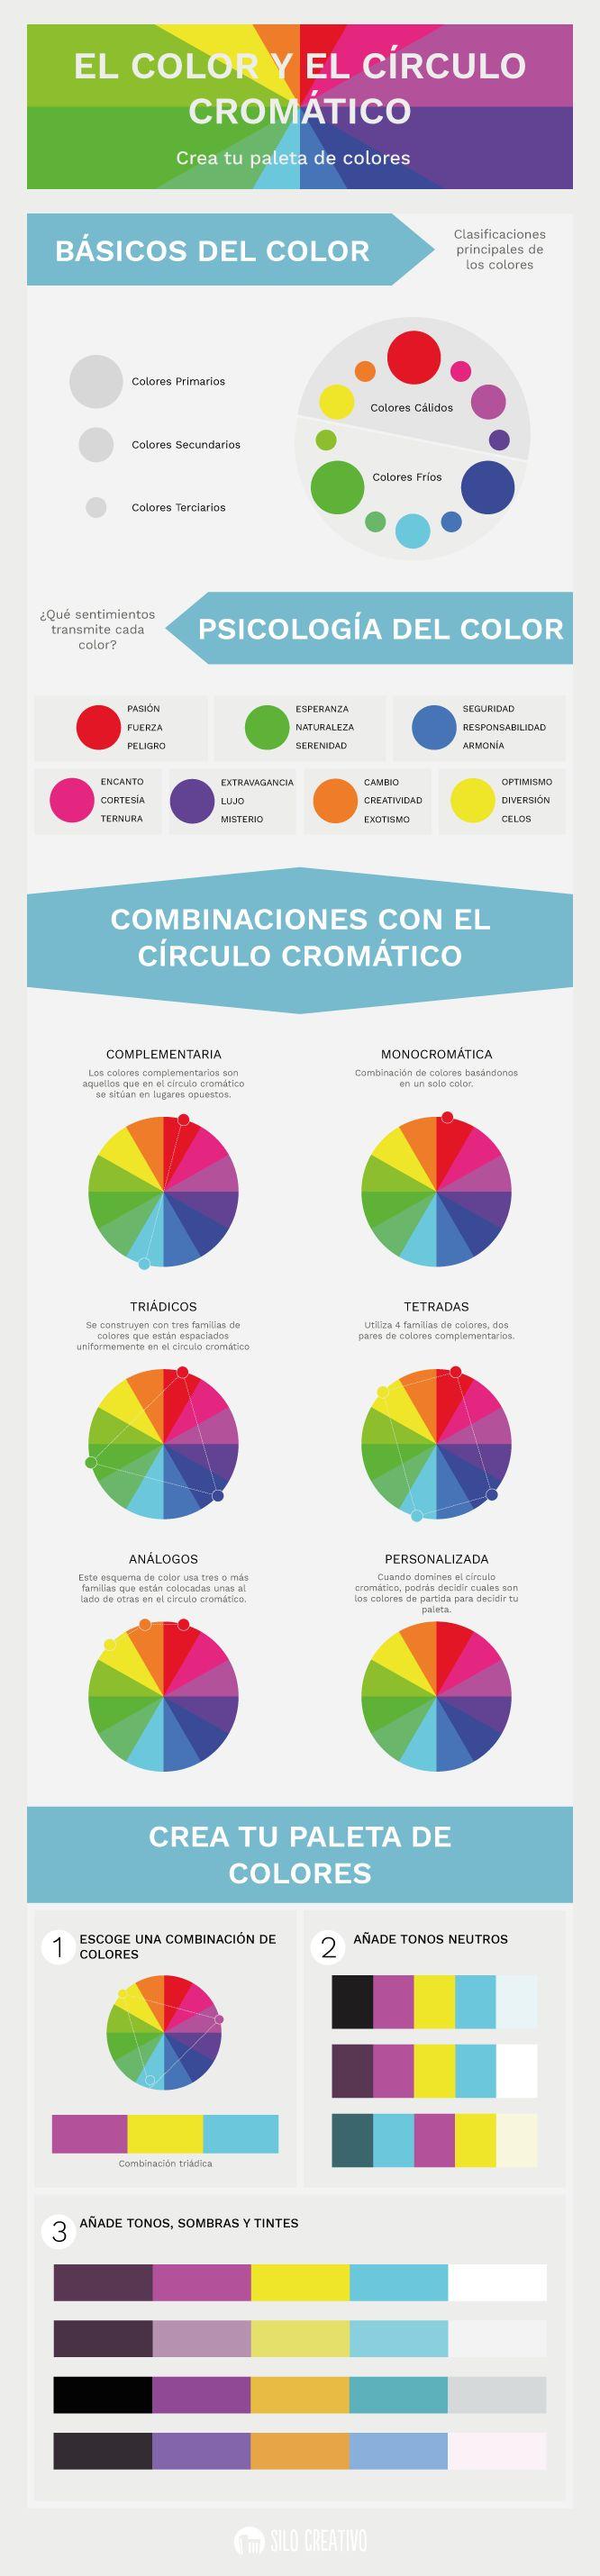 Infografía: Crea tu Paleta de Colores con el Círculo Cromático https://www.silocreativo.com/infografia-crea-paleta-colores-circulo-cromatico/